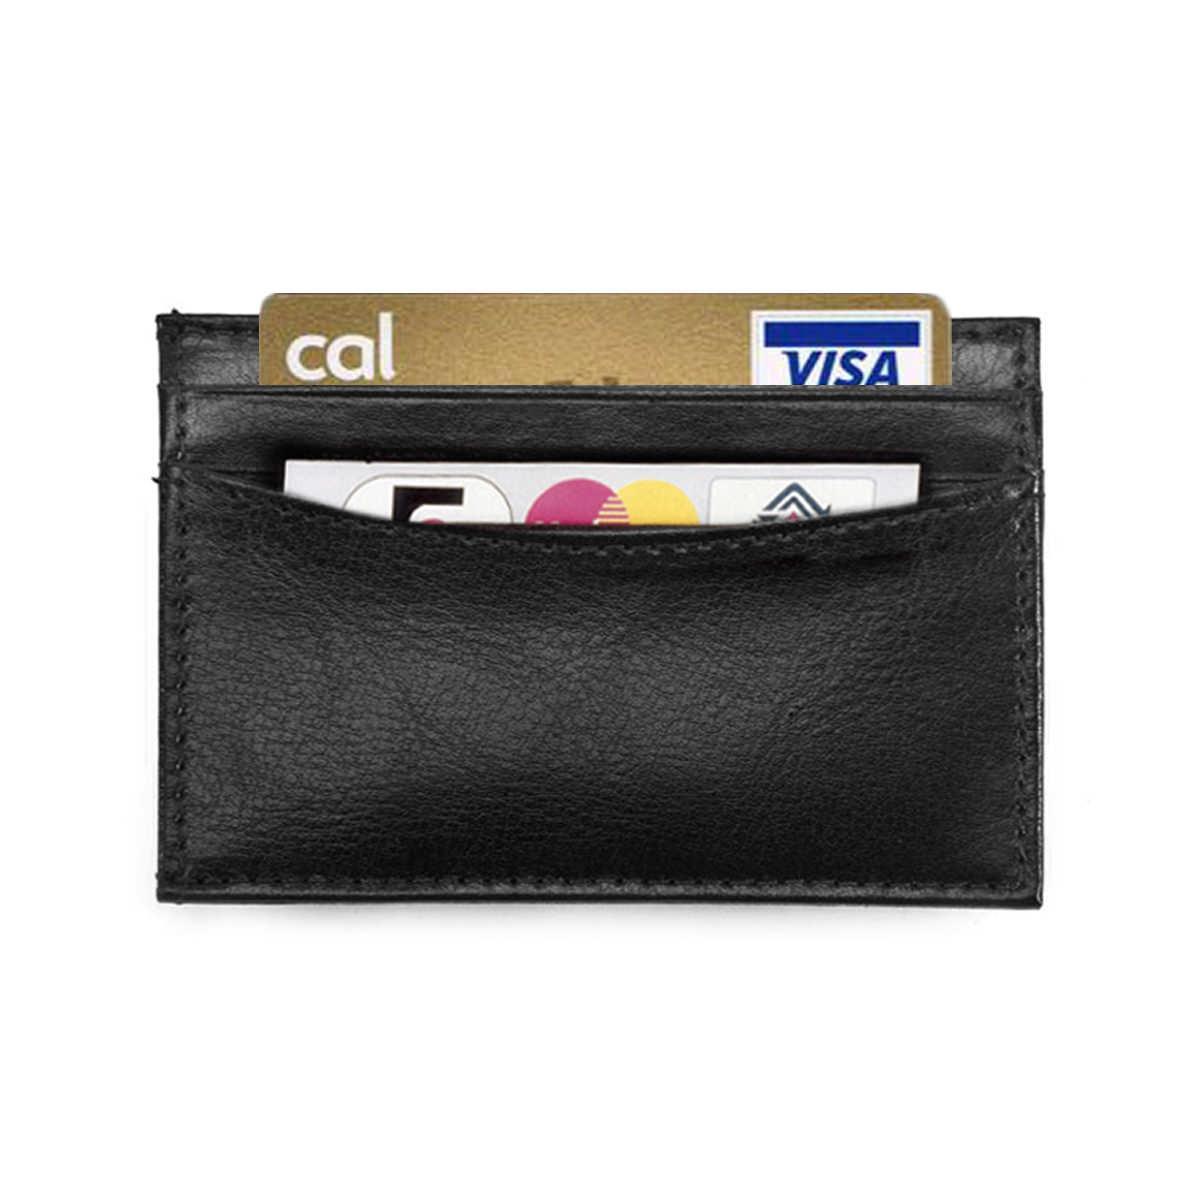 ויסלה - ארנק לכרטיסי ביקור